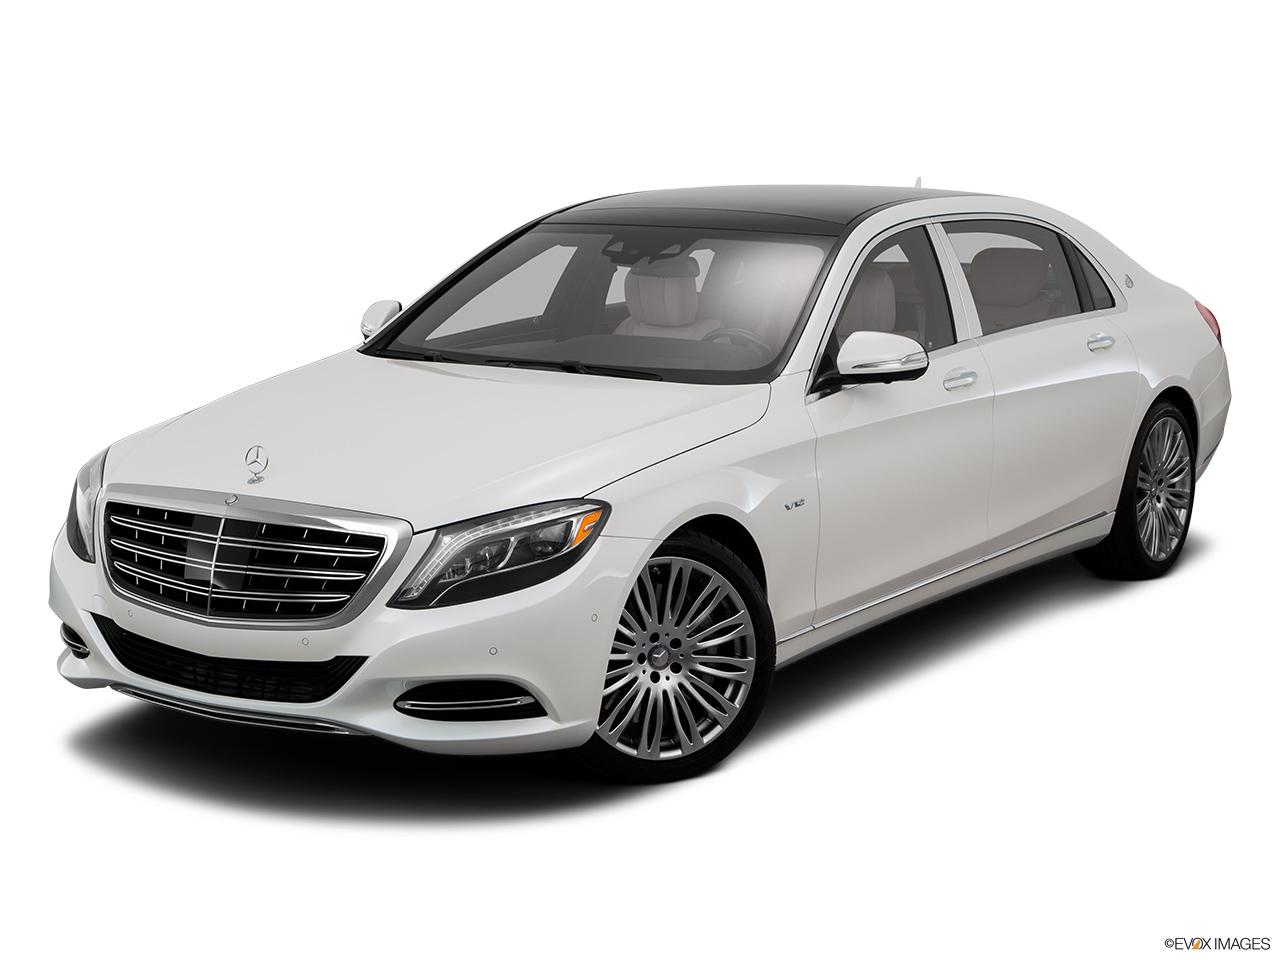 2016 mercedes benz maybach prices in qatar gulf specs for Mercedes benz qatar